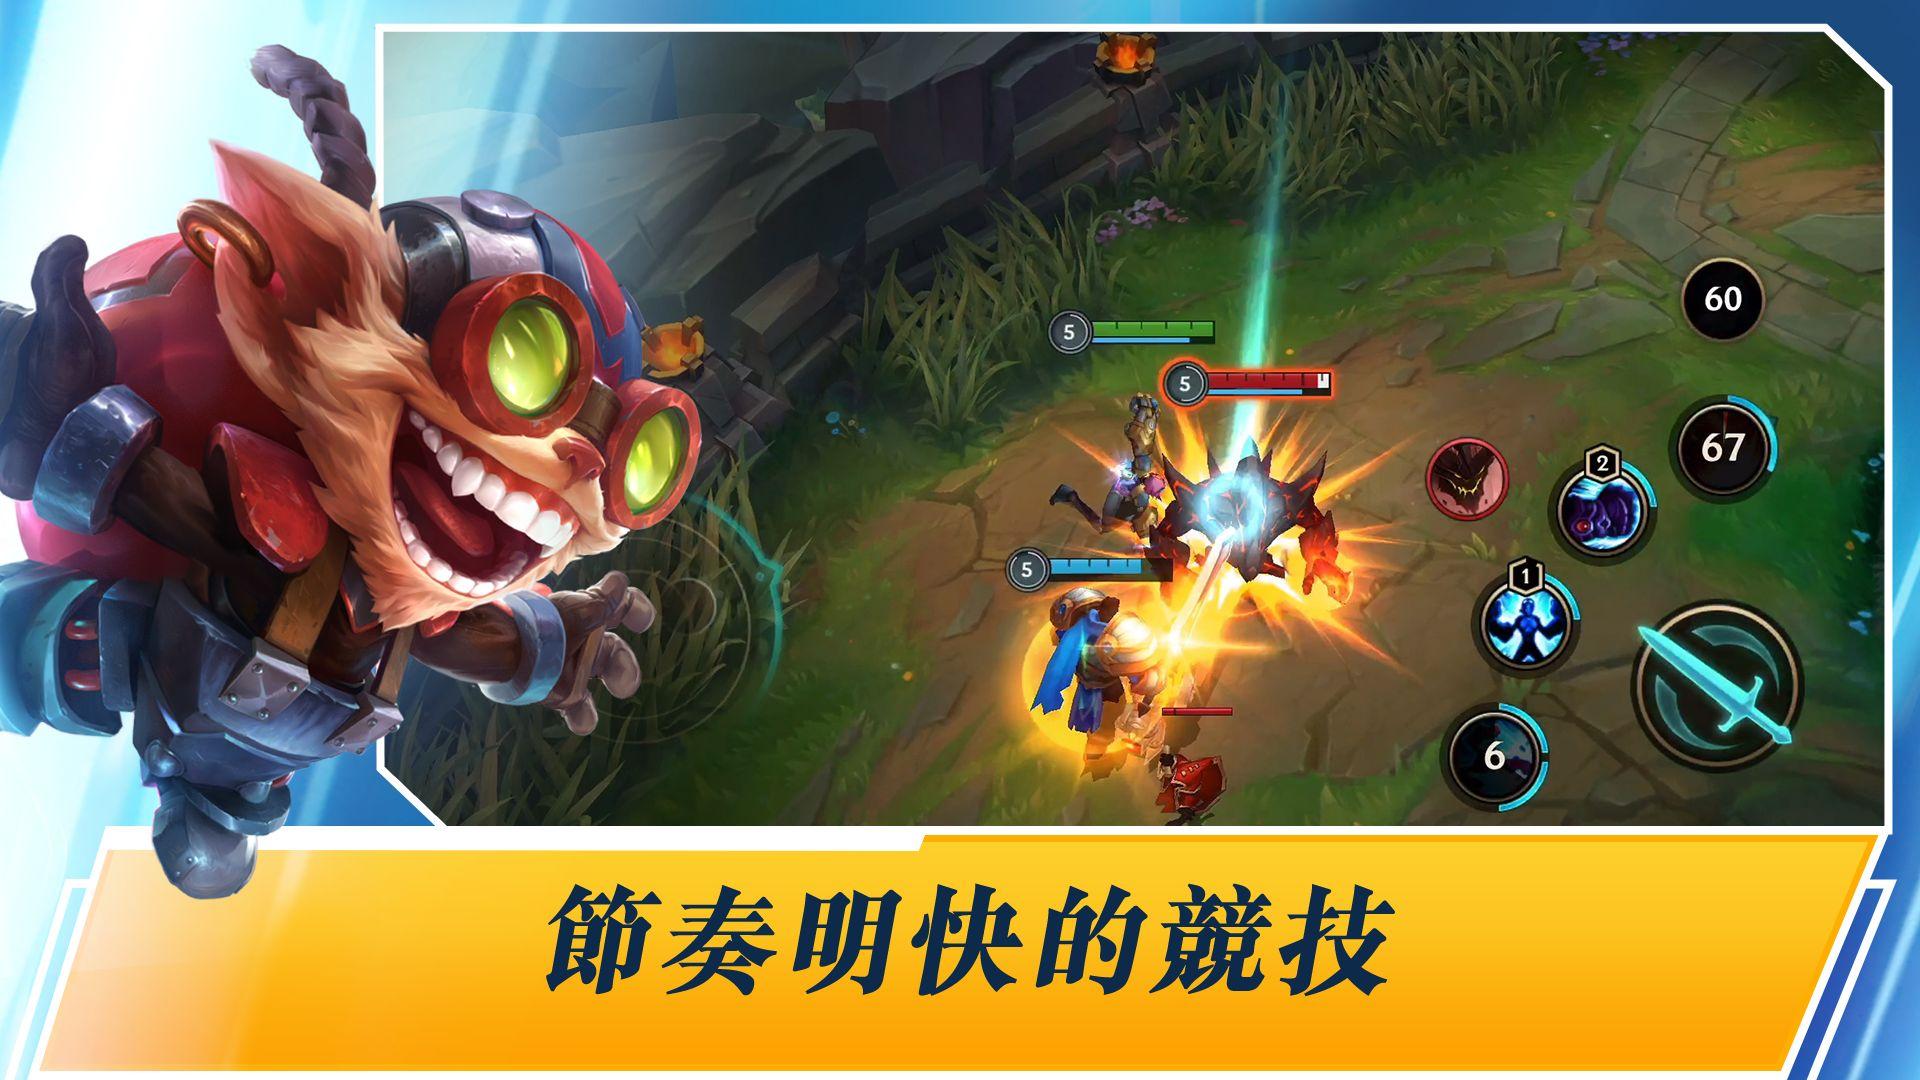 英雄联盟:激斗峡谷(台服 LOL:Wild Rift) 游戏截图2